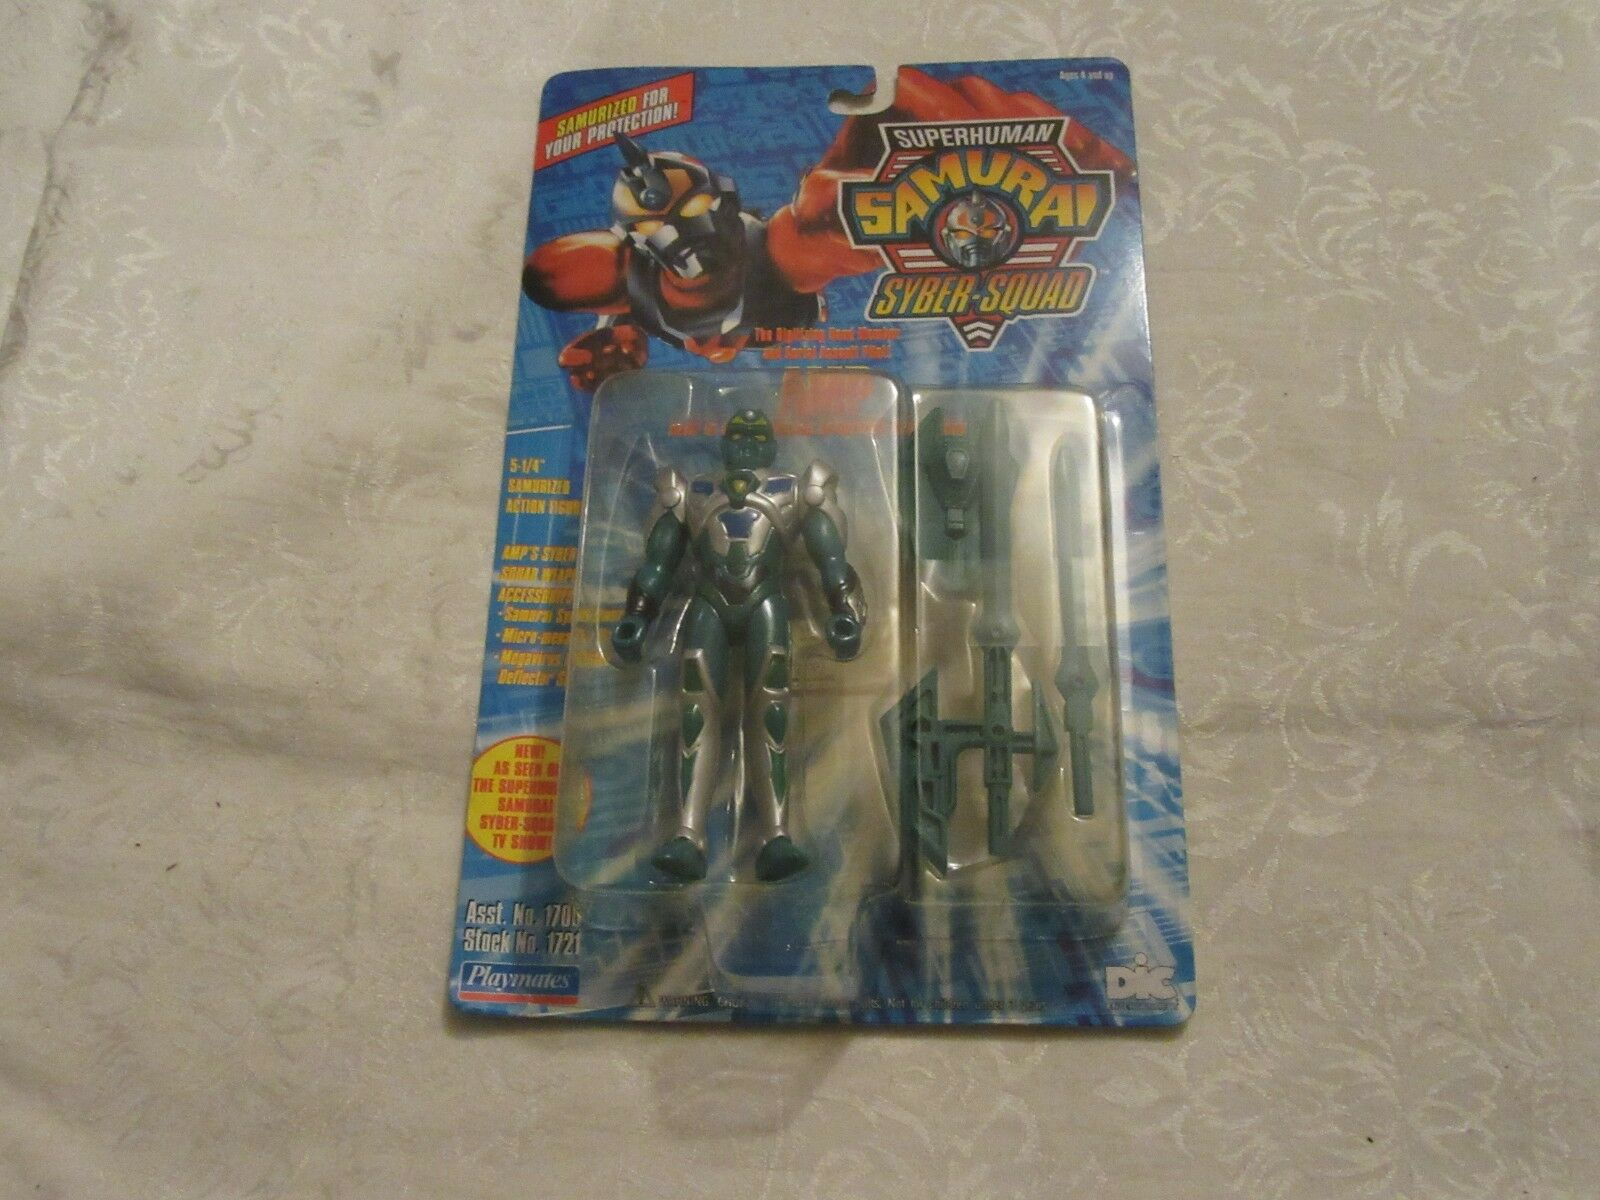 Playmates 1994 Superhuuomo Samurai SyberSquad 5 14 Amp azione cifra